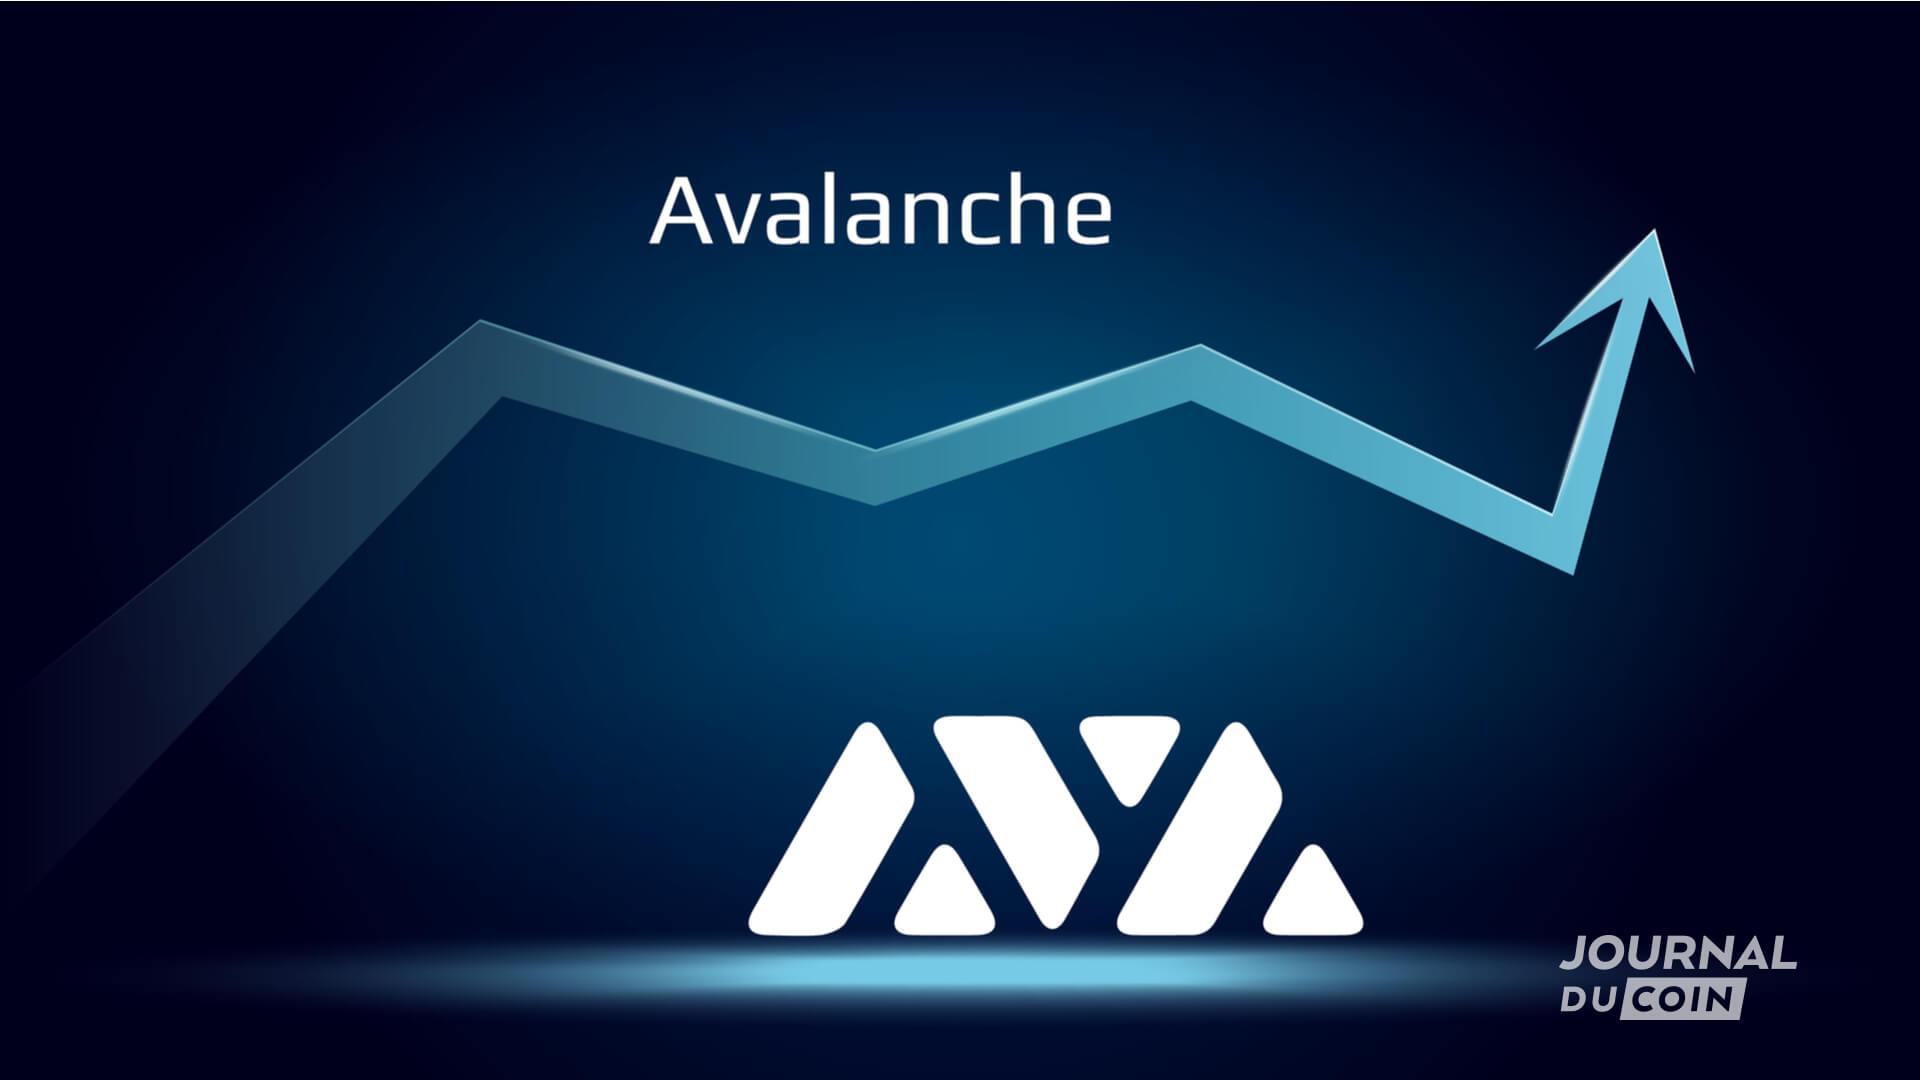 La cryptomonnaie AVAX (Avalanche) reprend des couleurs, un actif à suivre ?